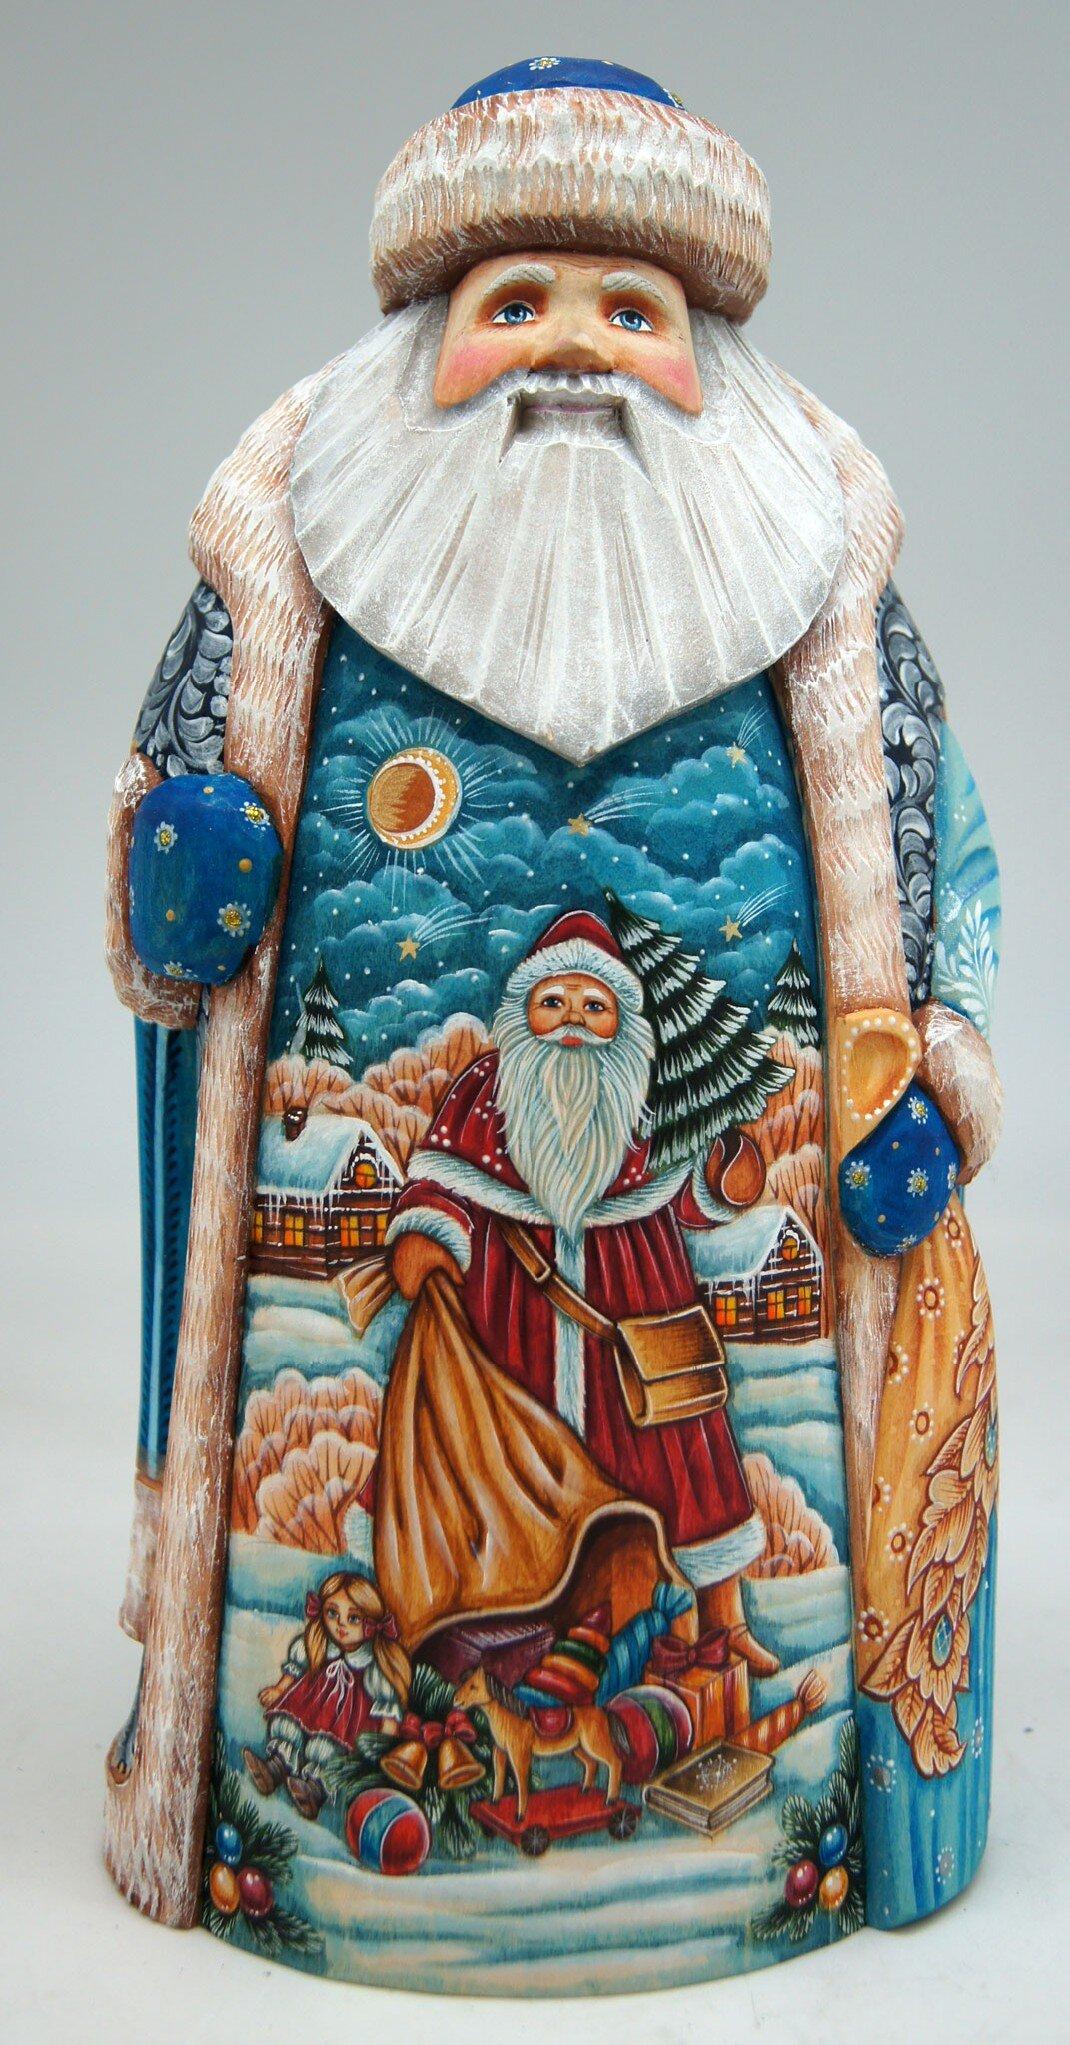 Wood Santa Figurines You Ll Love In 2021 Wayfair